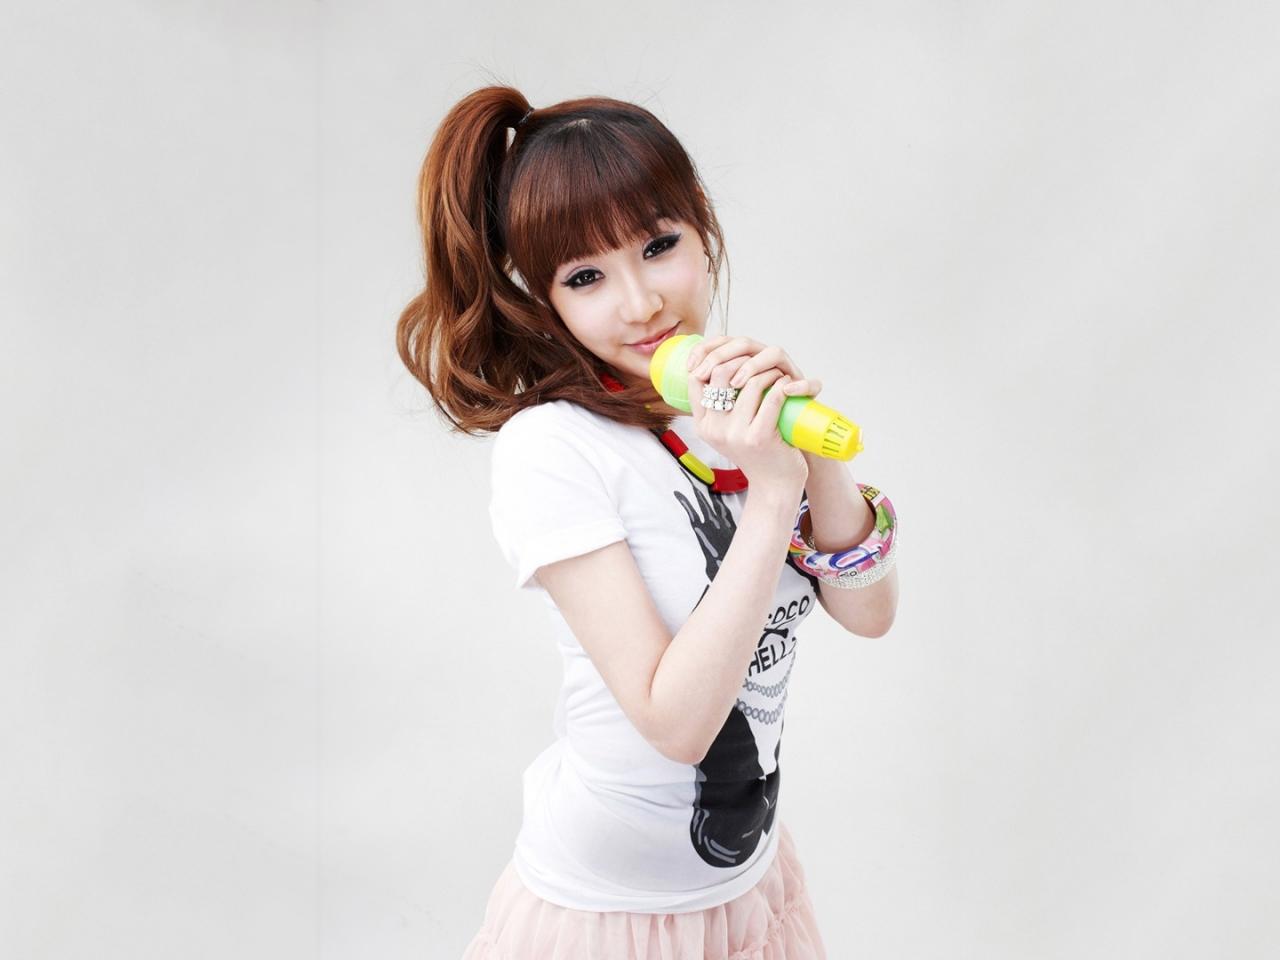 Chicas asiáticas de 2NE1 - 1280x960